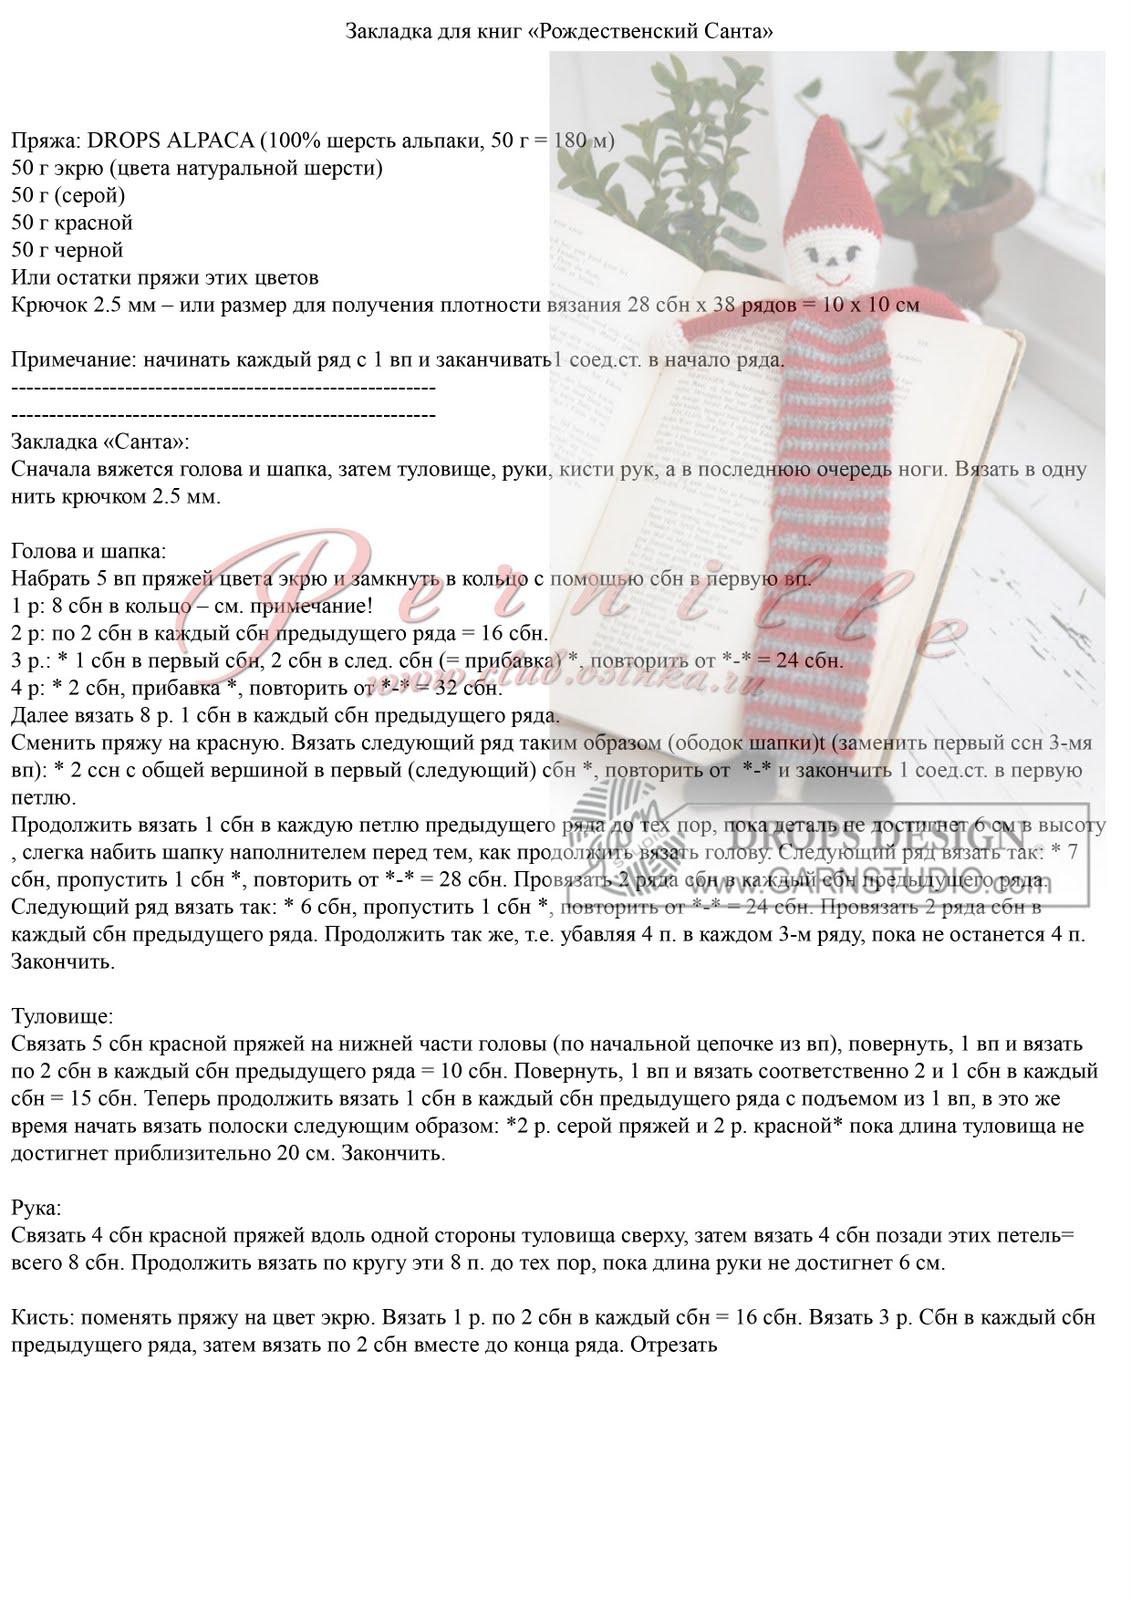 http://kruchcom.ru/wp-content/uploads/2009/12/fgh.jpg